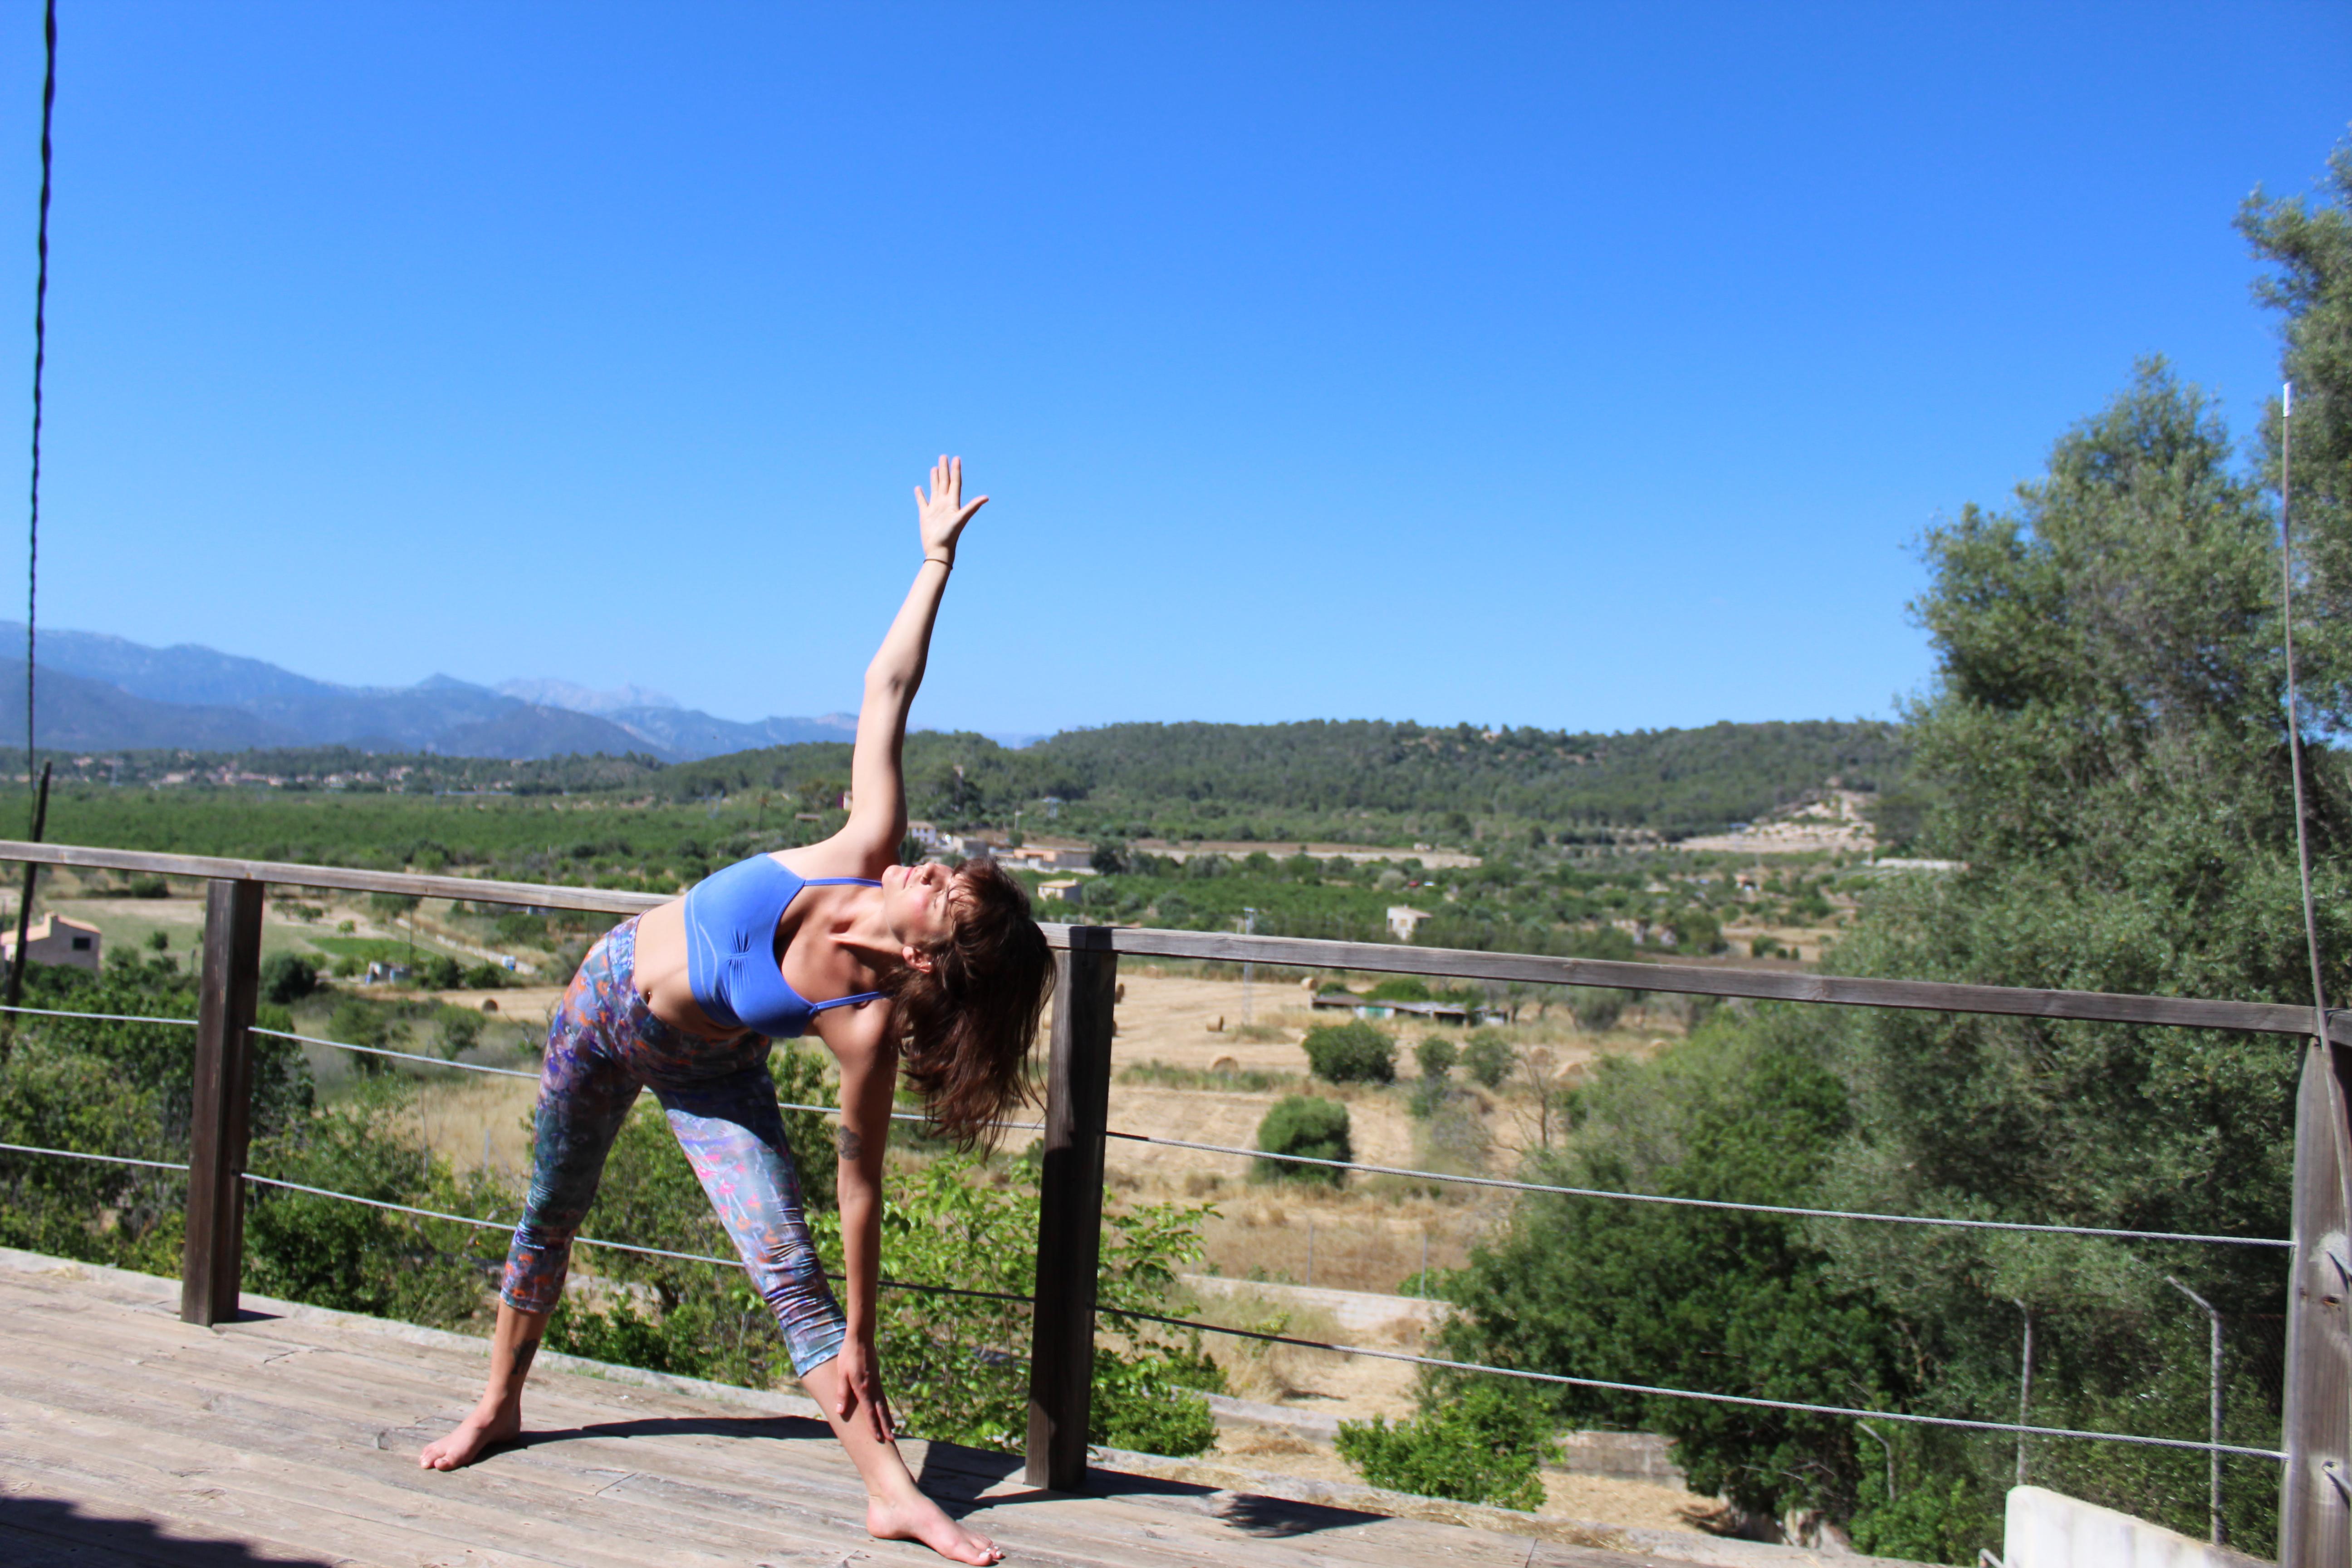 We do Yoga aswell